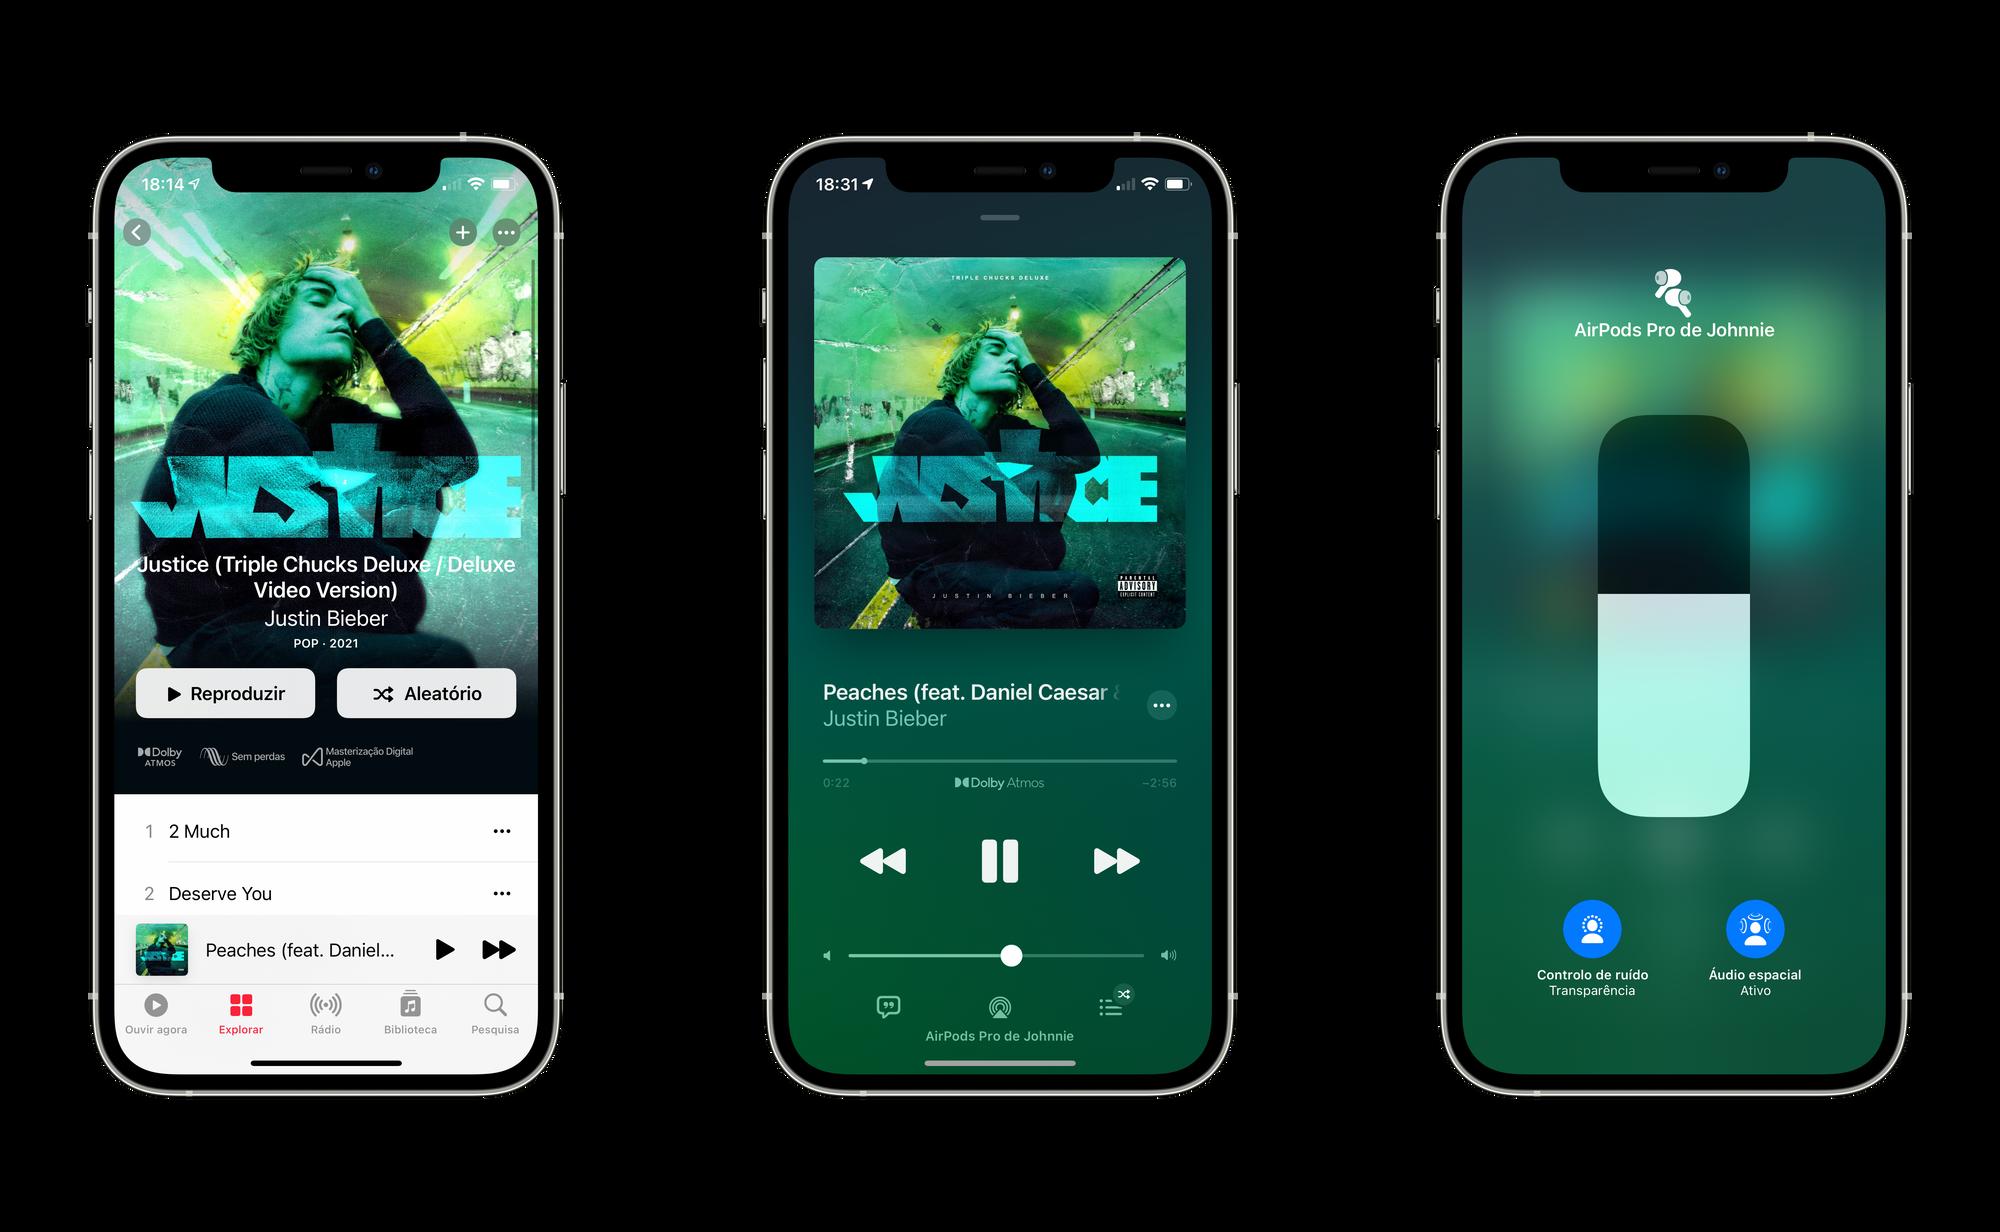 Música em Áudio Espacial no iPhone